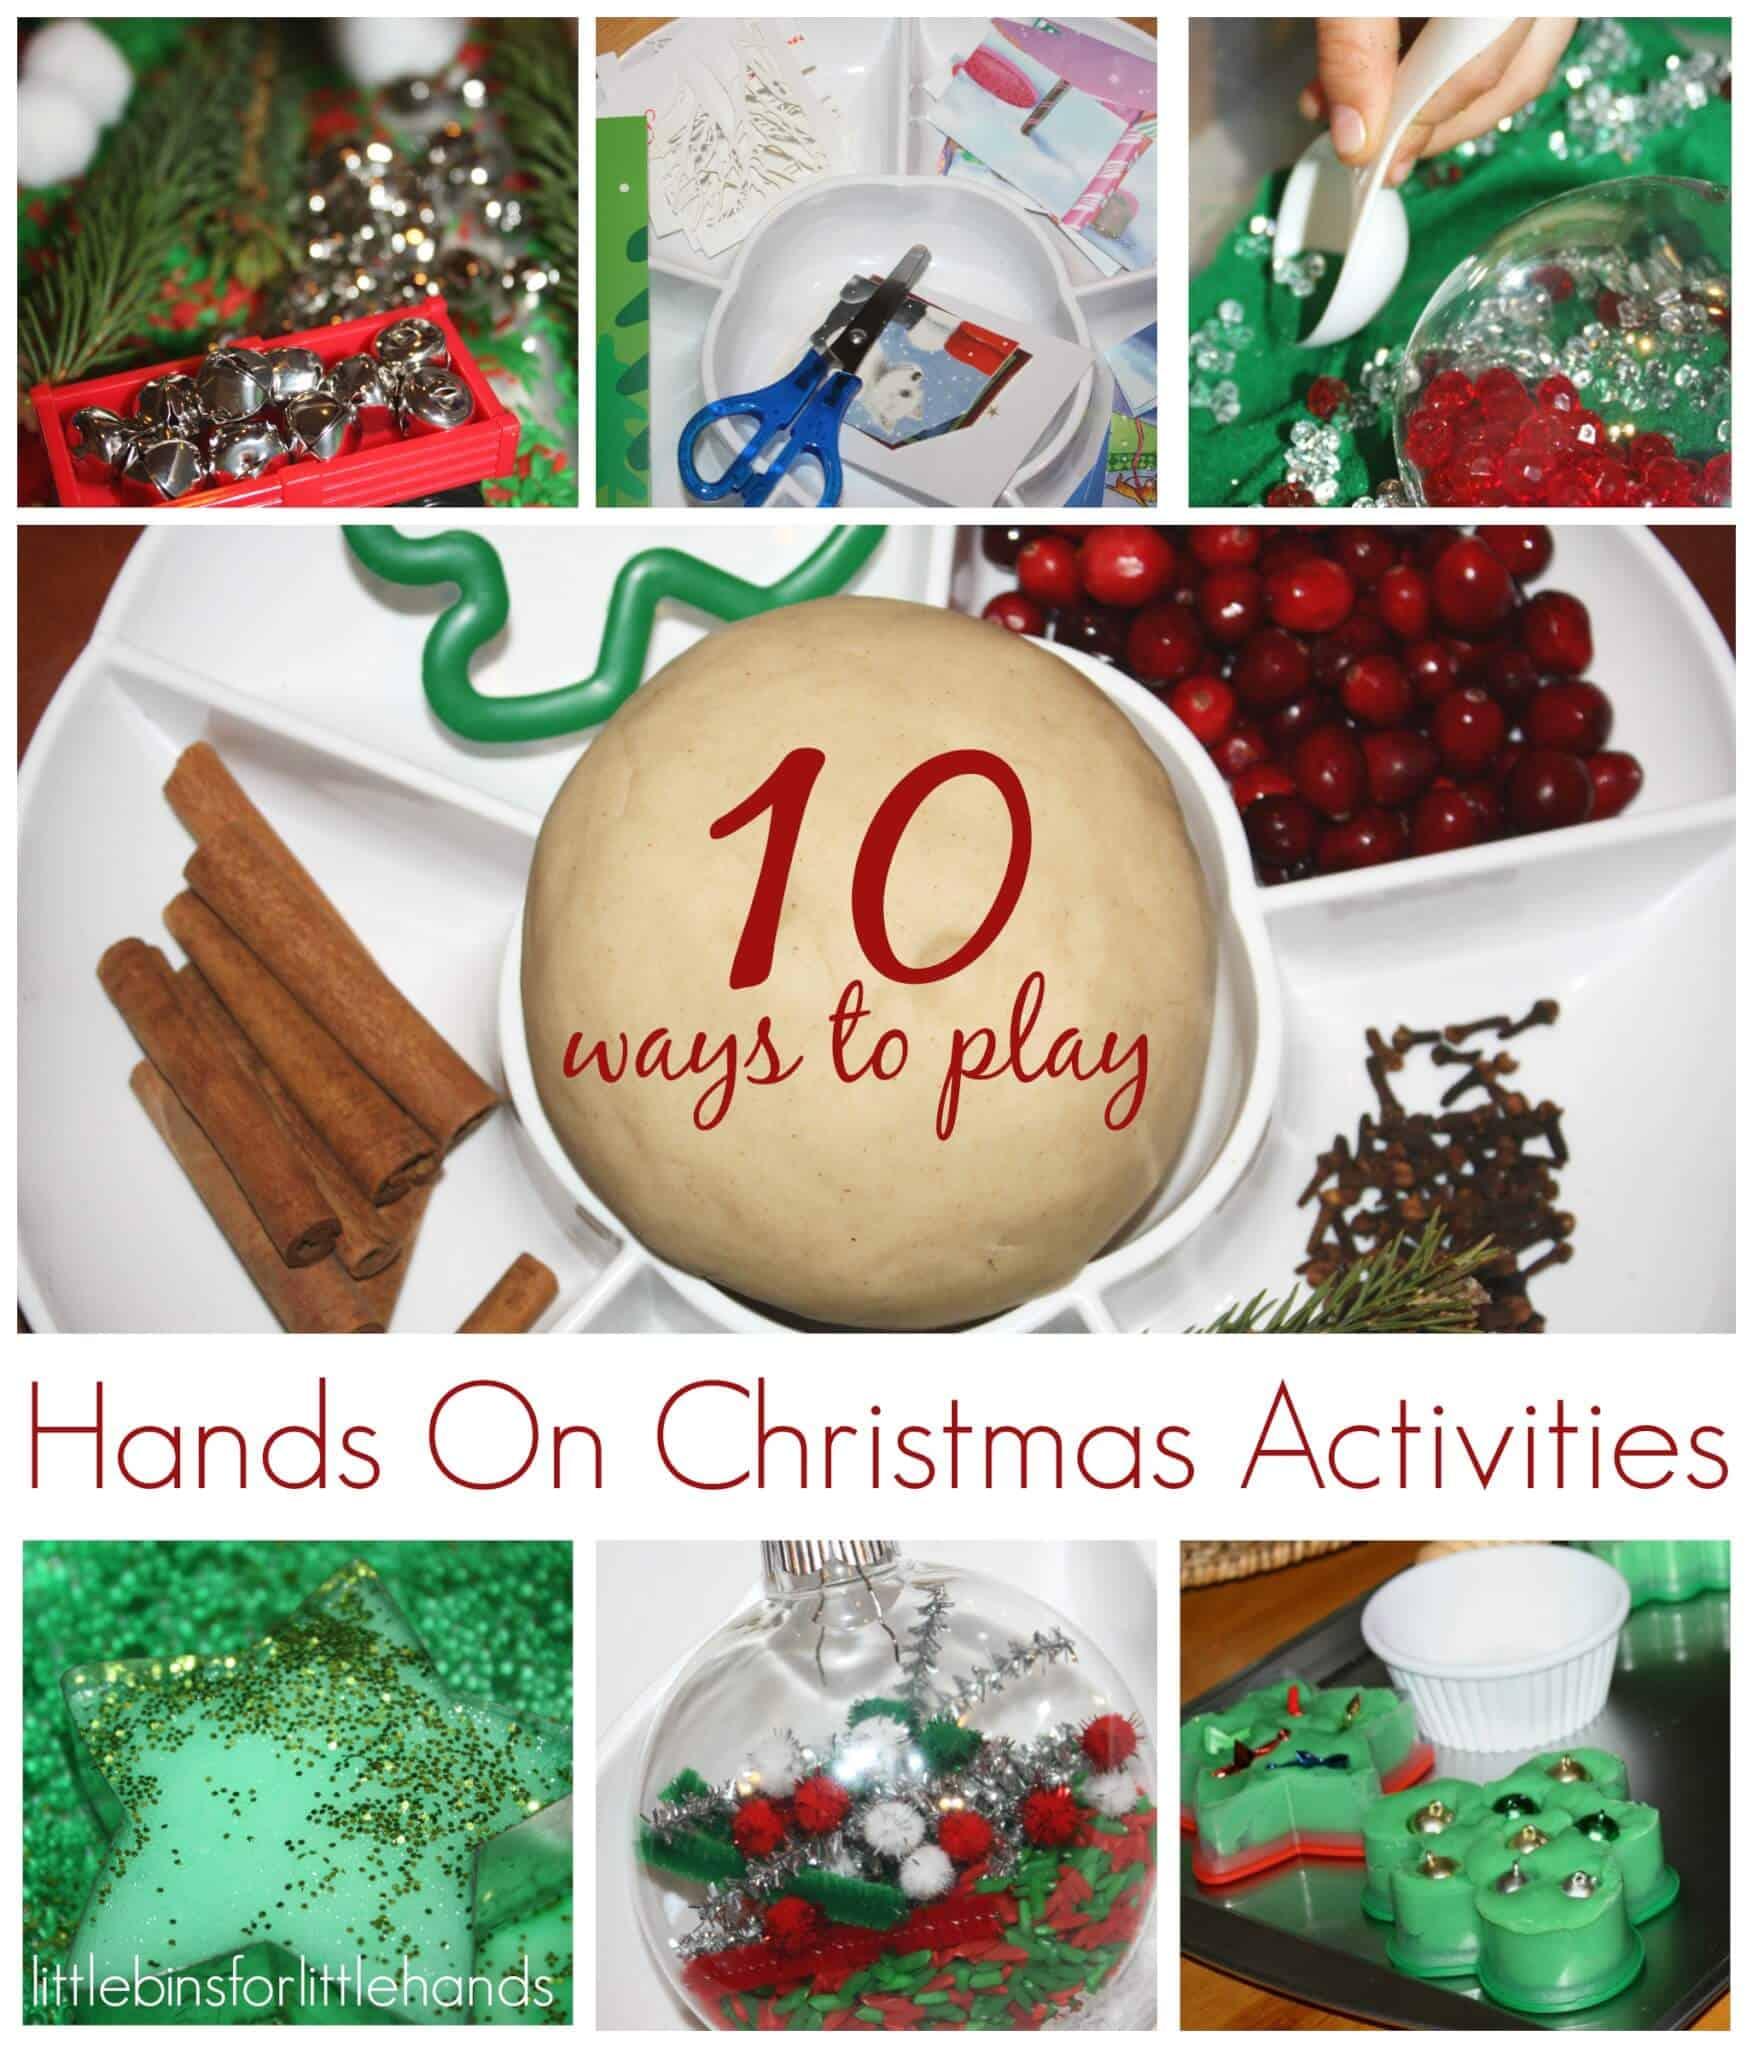 Christmas Activities For Kids.Top 10 Christmas Activities For Kids Little Bins For